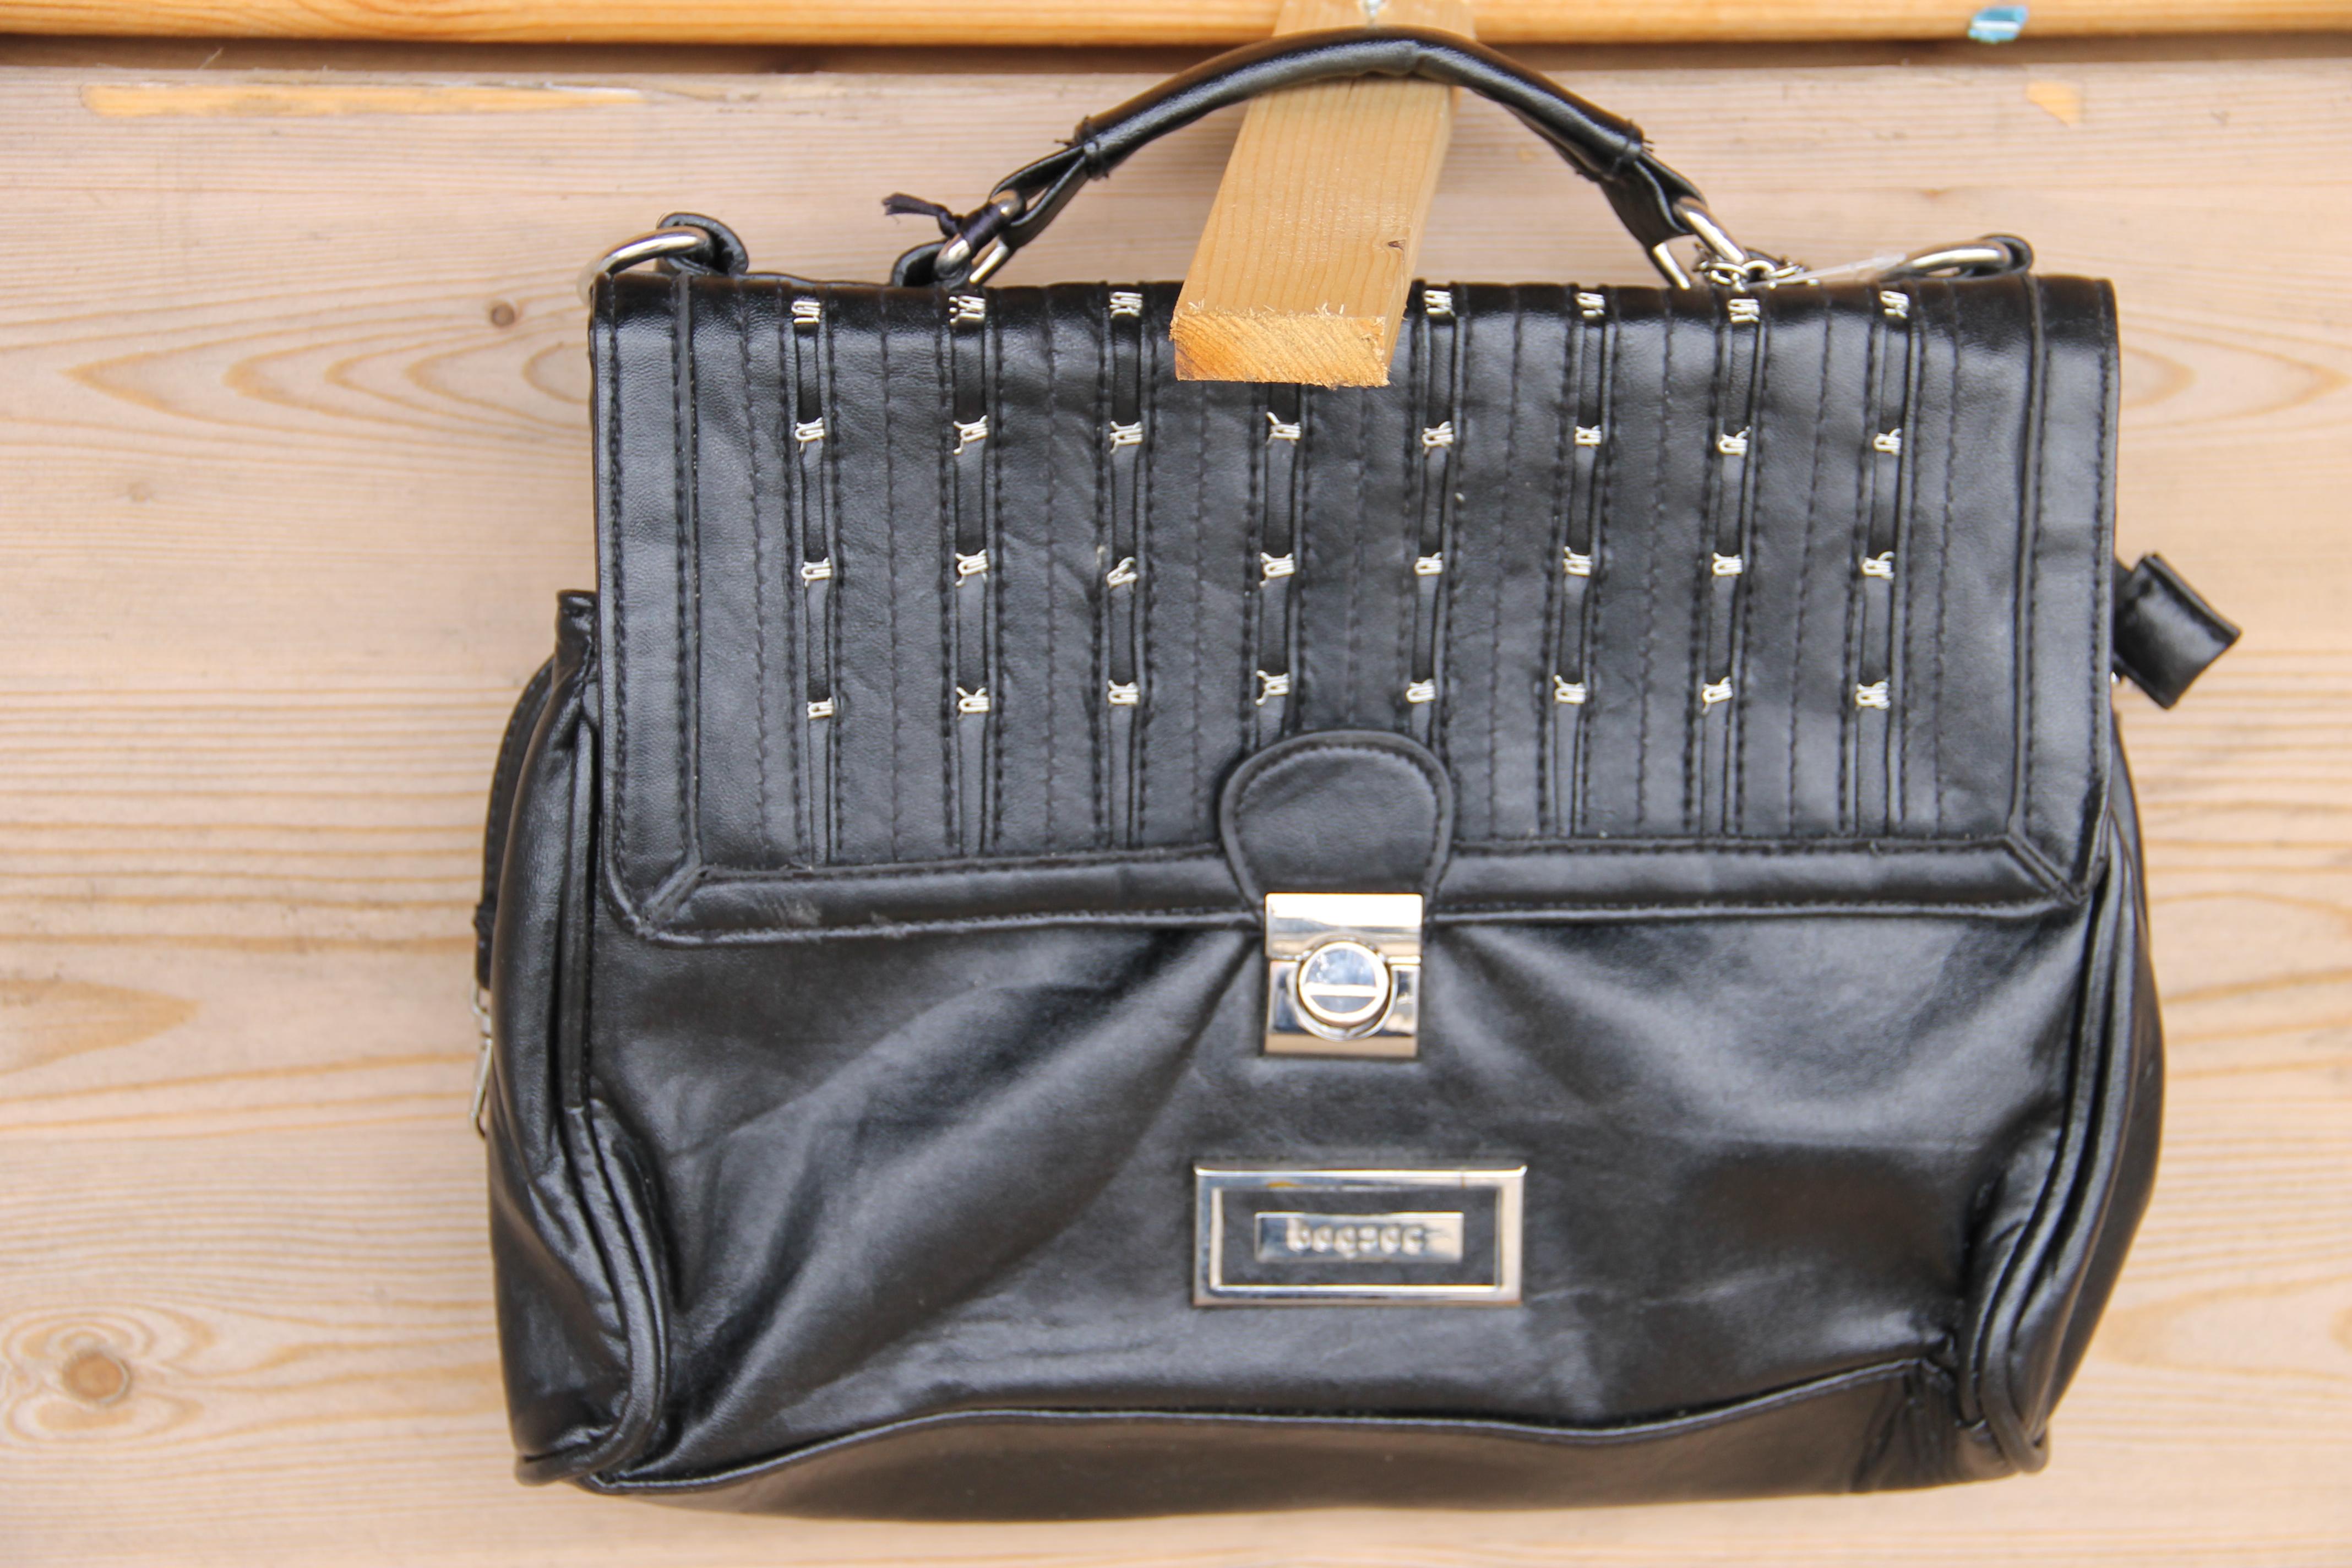 dfd79250722 Design Bagsac tas #19 | JouwVeilingen.nl webshop